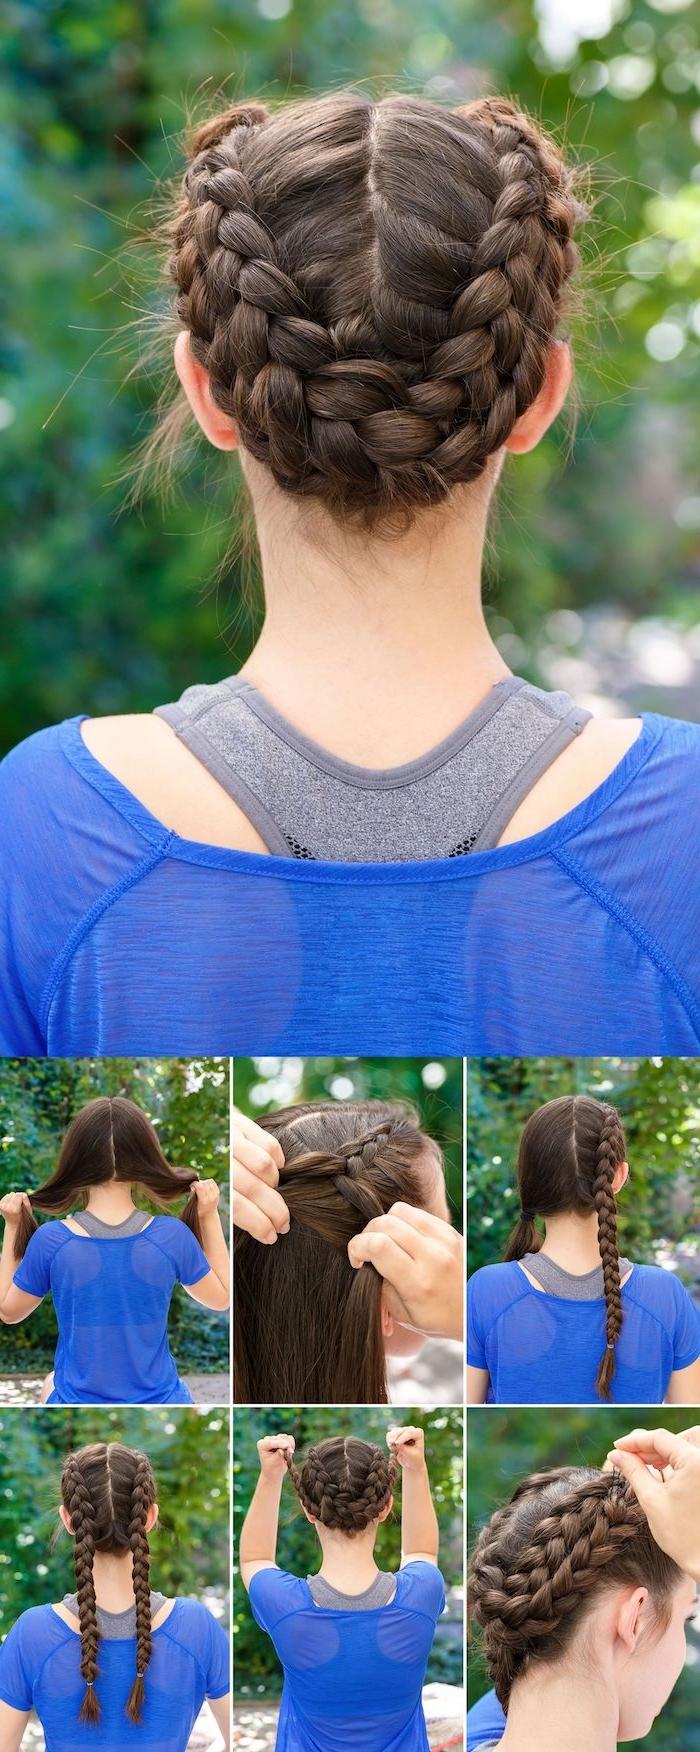 Zopfkranz selber flechten, Schritt für Schritt Anleitung, schöne Frisuren für lange Haare